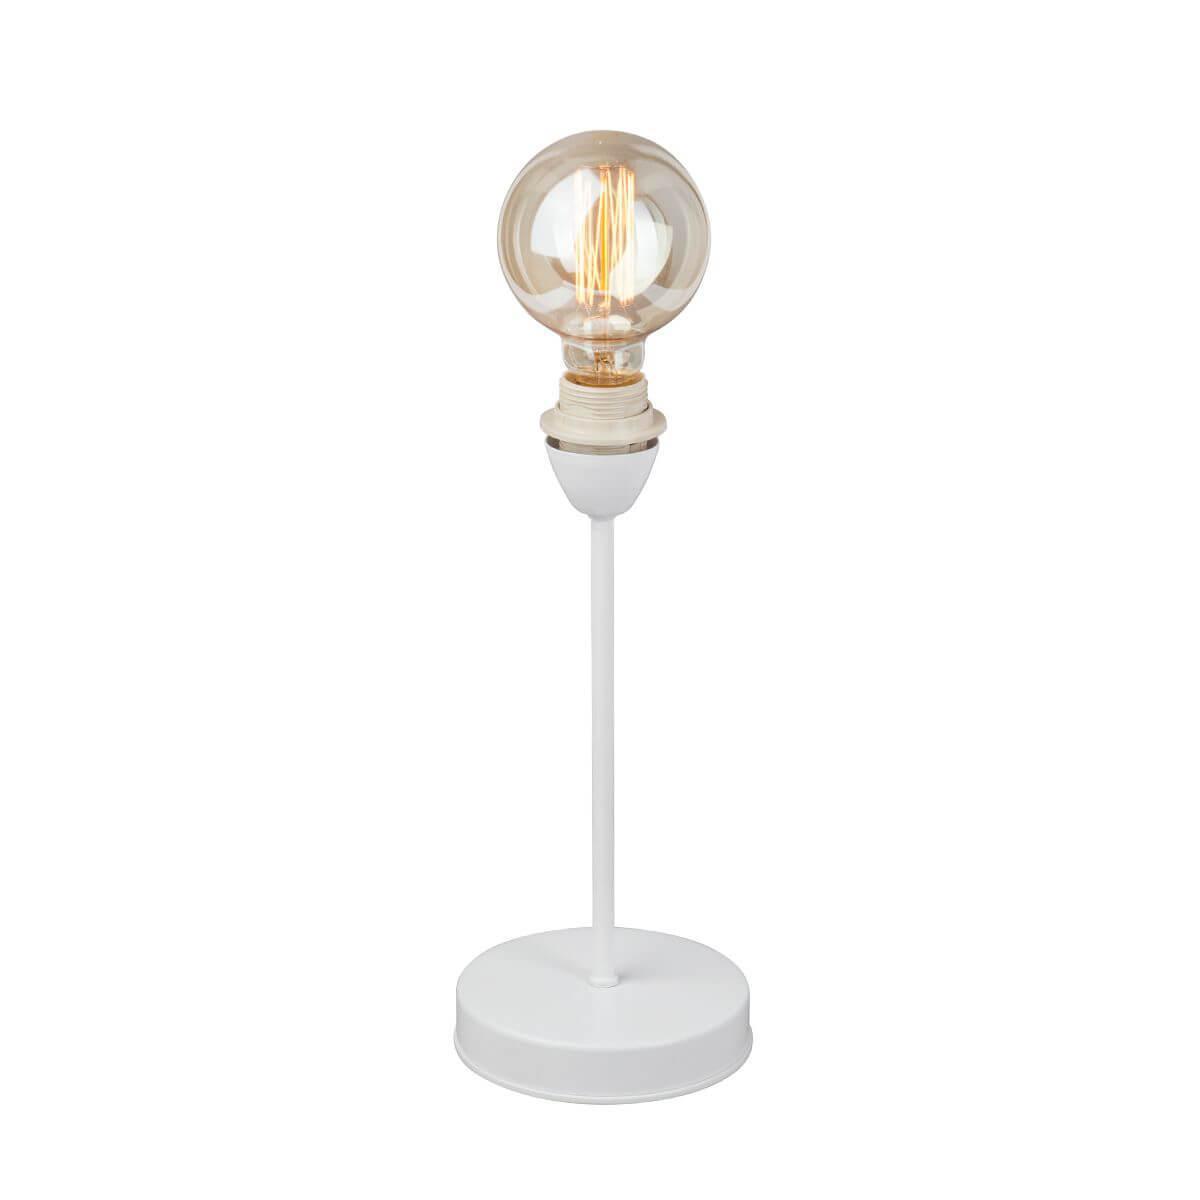 Настольный светильник Vitaluce V4262-0/1L, E27, 60 Вт